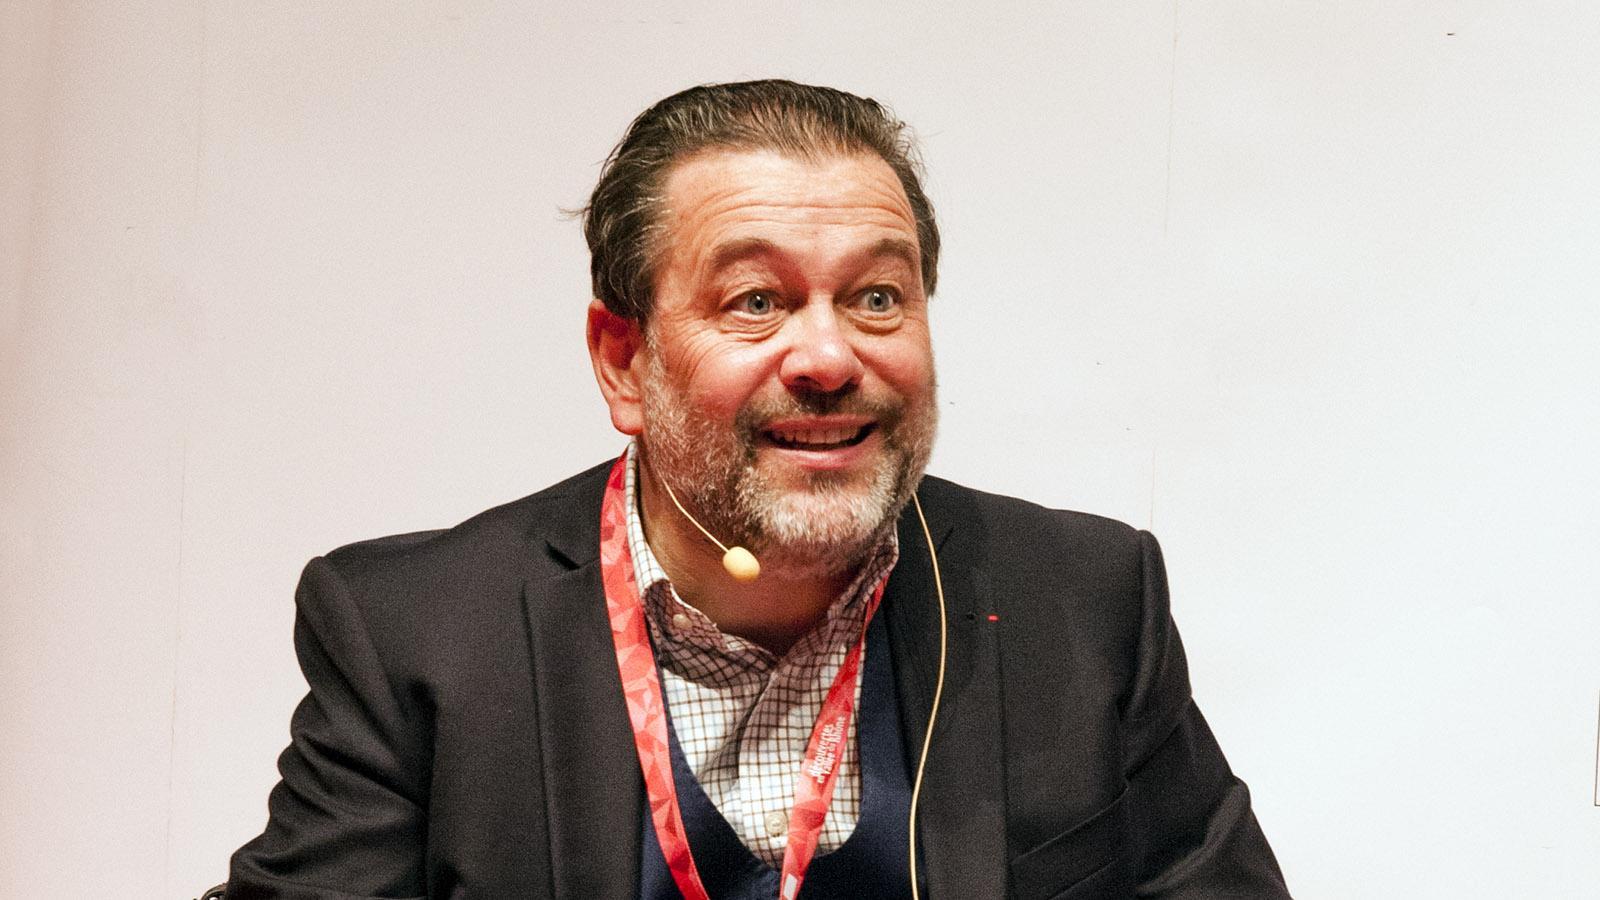 Michel Chapoutier vom gleichnamigen Weinhaus und Keller. Foto: Hilke Maunder